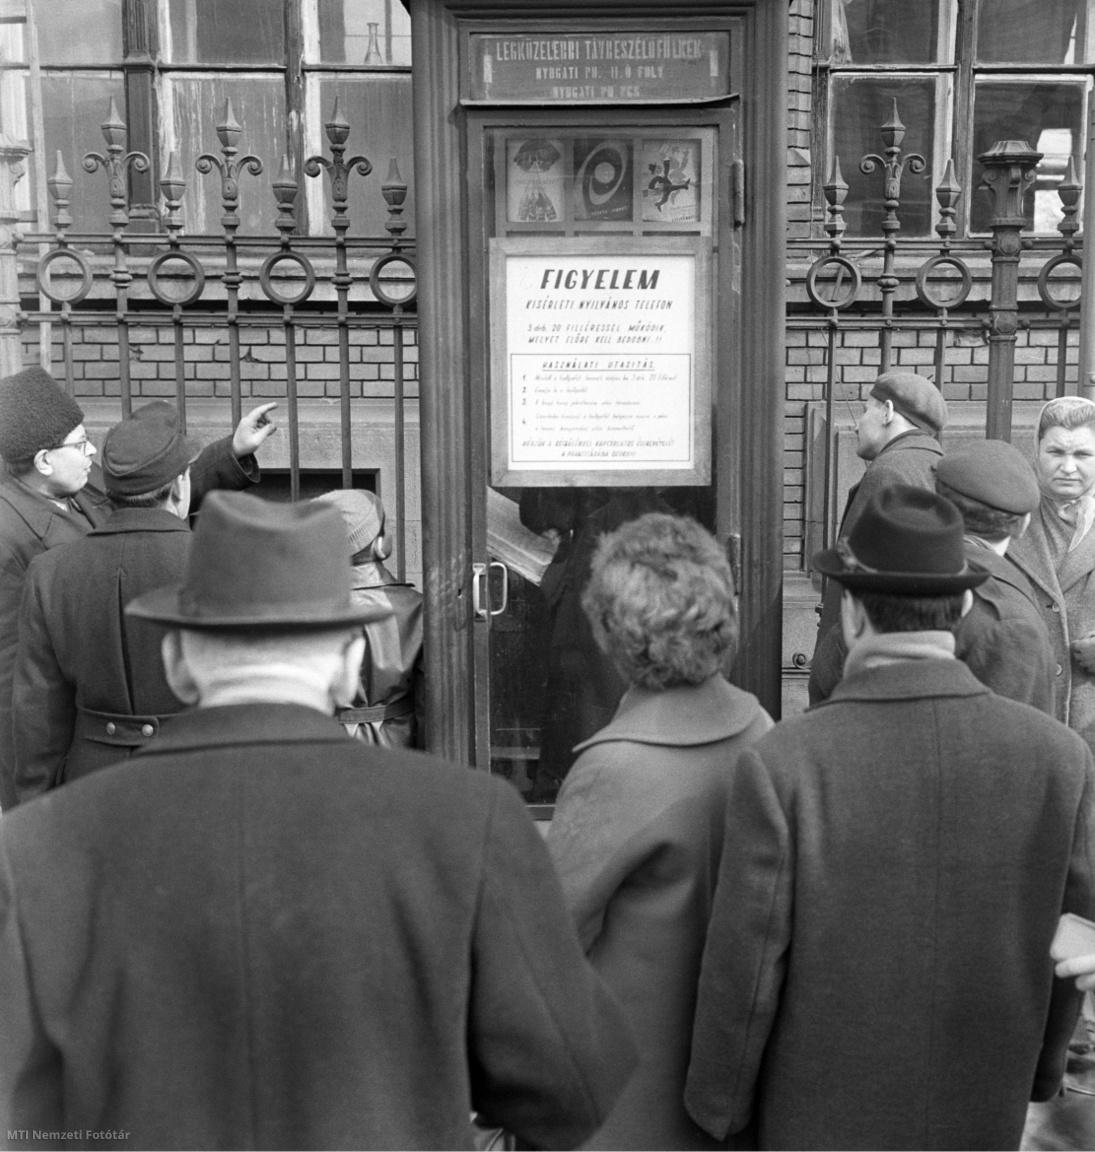 Járókelők nézik a Nyugati pályaudvarnál felszerelt kísérleti telefonfülkét 1964 májusában. Ehhez a típushoz nem kell telefonérme, hanem három darab húszfilléres bedobásával működik